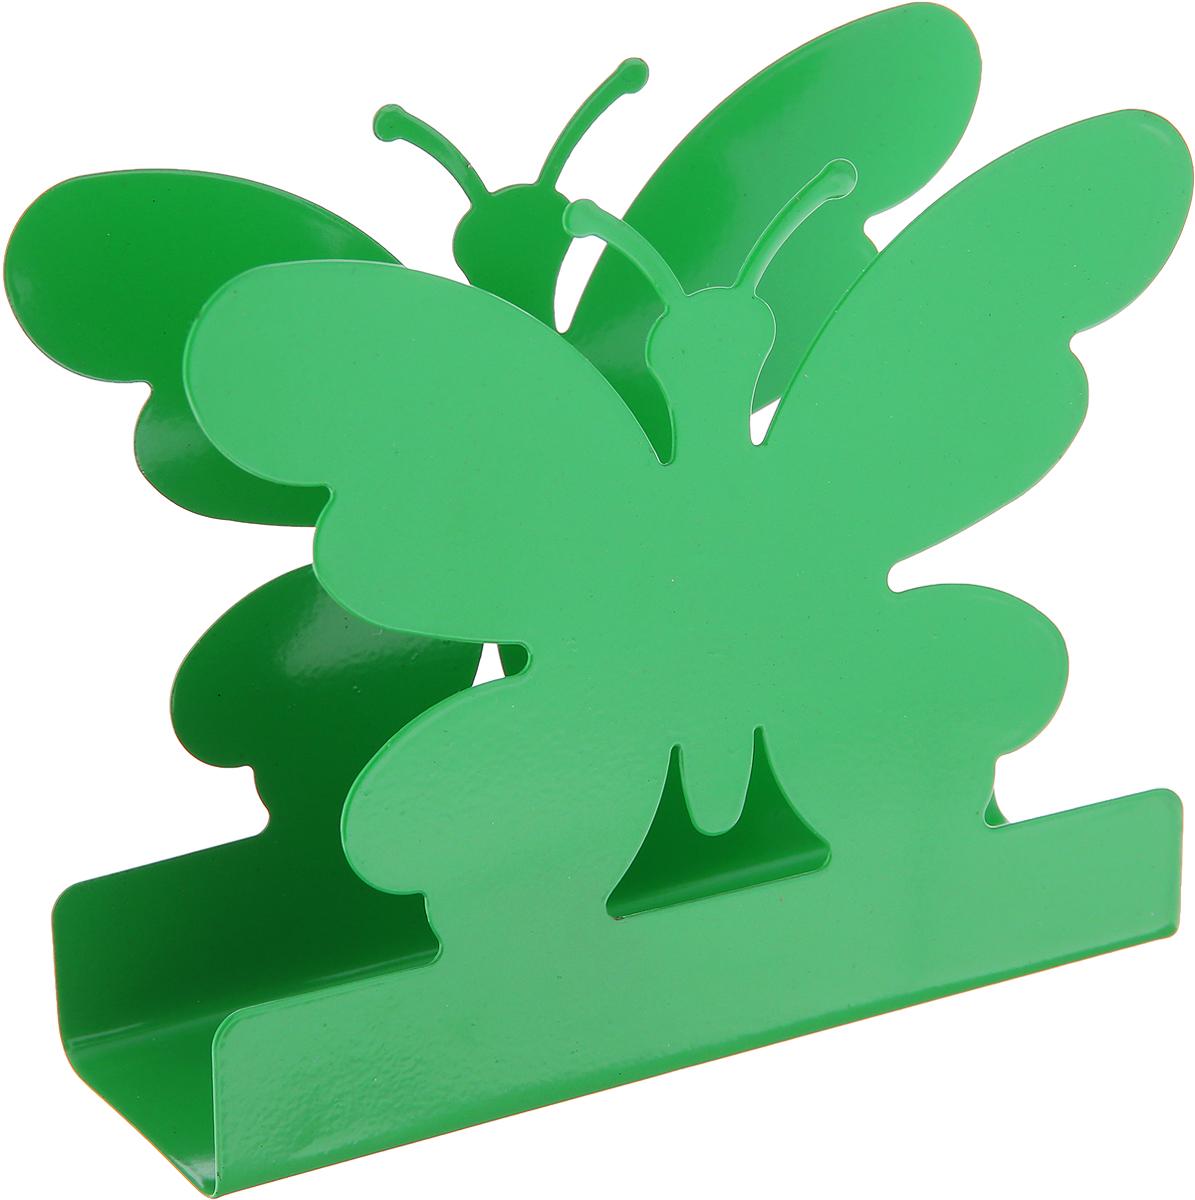 Салфетница МФК-профит Бабочка, цвет: зеленый, 13 х 11 х 4 см стеклоочиститель для окон мфк профит цвет малиновый 22 x 19 5 x 2 см